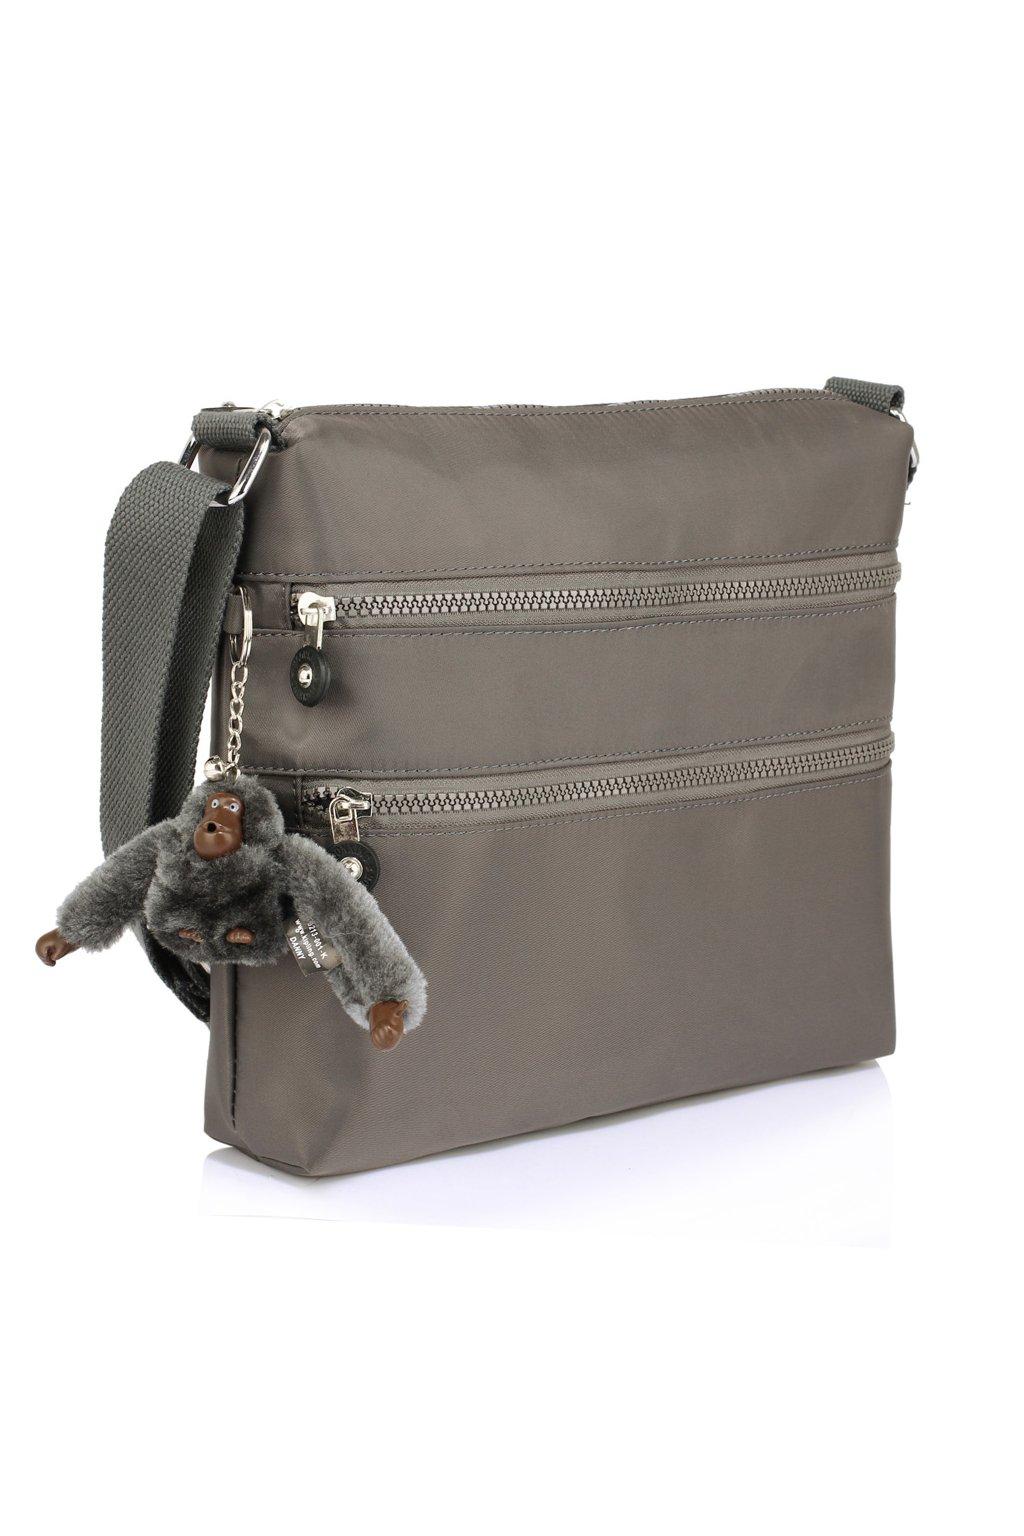 d721d1d99942 Výpredaj Crossbody kabelky za najlepšie ceny na Svk Cz - NAJ.SK